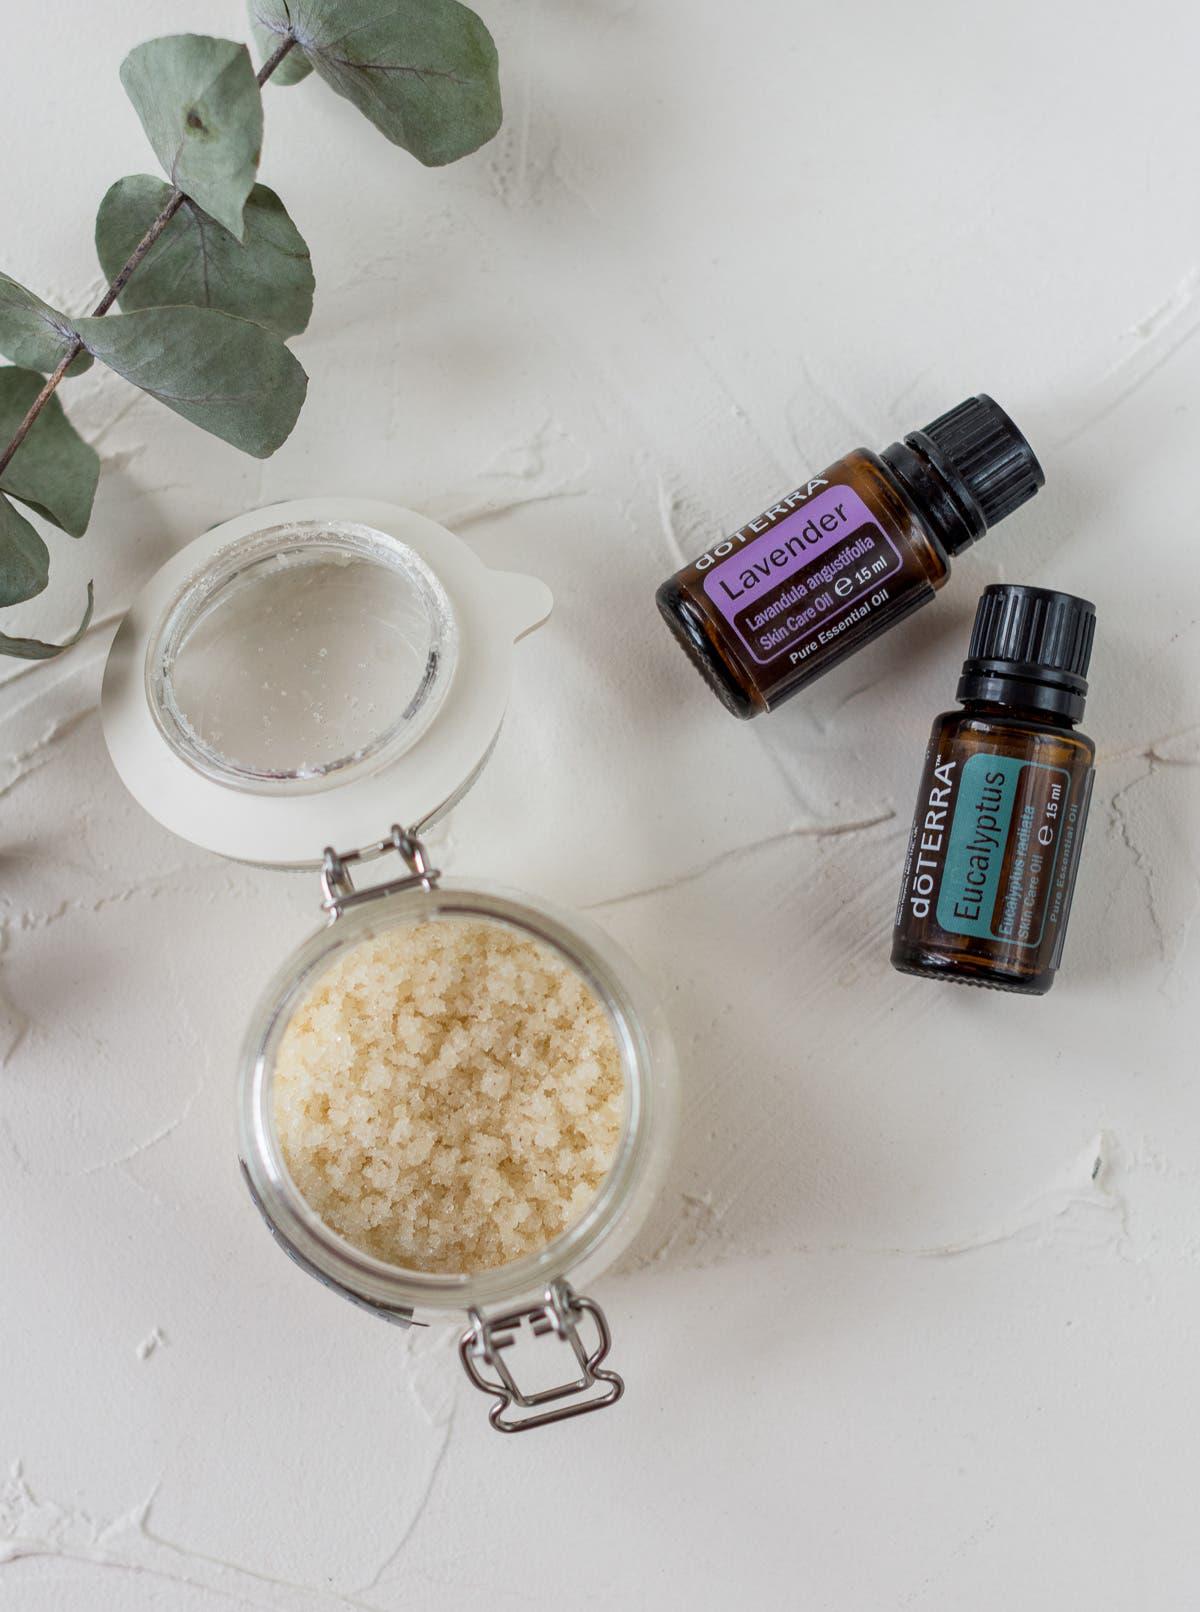 Topshot des selbstgemachten Zuckerpeelings in einem Bügelglas mit den ätherischen Ölen Lavendel und Eukalyptus daneben.